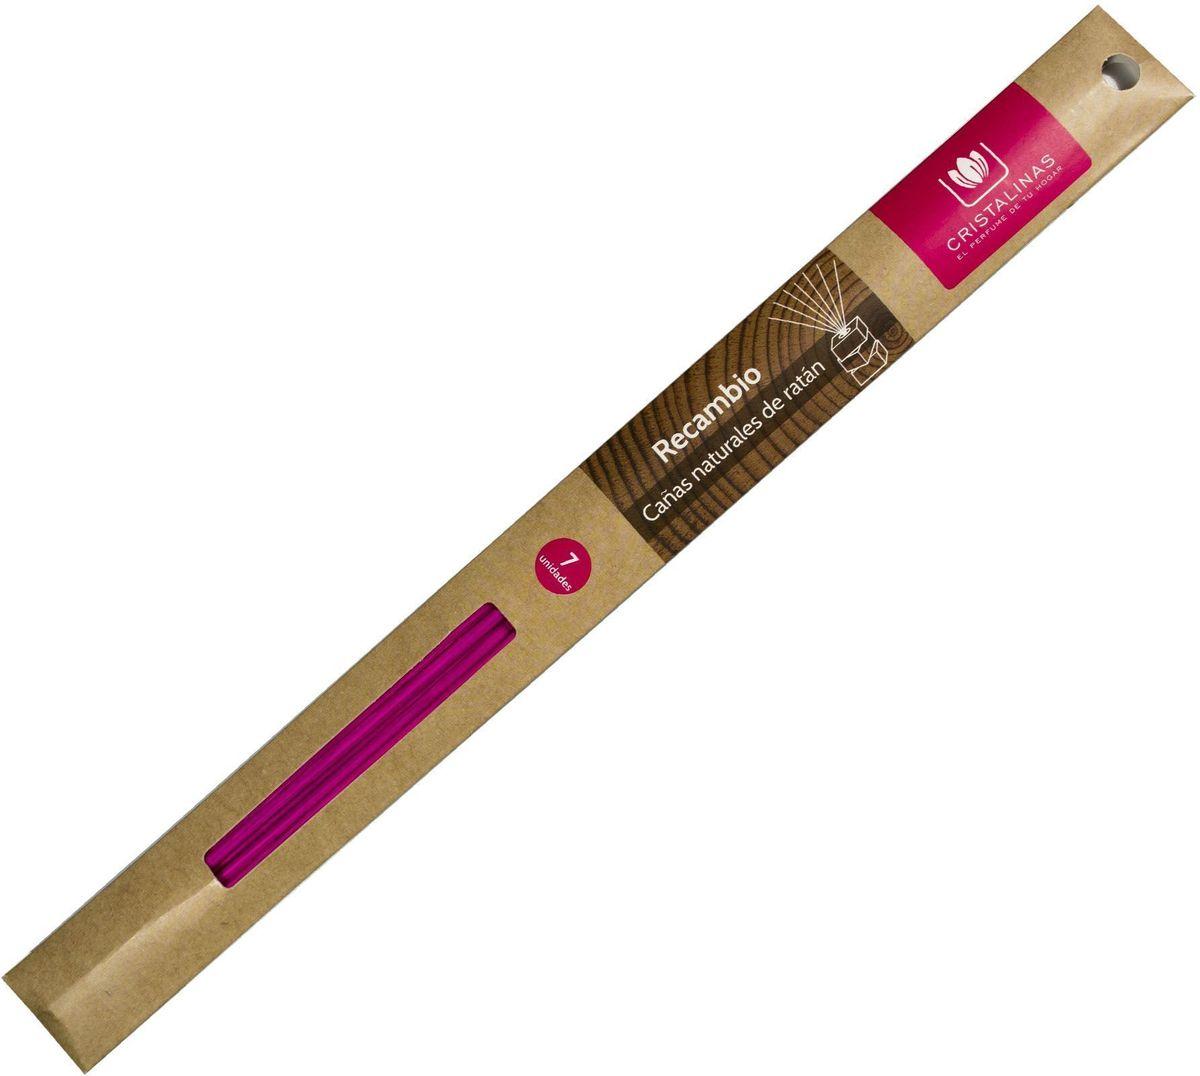 Палочки ротанговые Cristalinas Natural Wood, цвет: светло-розовый, 7 шт106-026Палочки ротанговые Cristalinas Natural Wood- главный атрибут любого арома-диффузора. Благодаря их особой пористой структуре ароматическое масло хорошо впитывается, затем поднимается из флакона вверх, наполняя помещение приятным ароматом. Можно использовать разное количество палочек, регулируя интенсивность аромата. Ротанговые палочки Cristalinas созданы из натурального дерева. Способ применения: поместить необходимое количество ротанговых палочек во флакон. Рекомендуется периодически переворачивать палочки для повышения интенсивности аромата. Состав: материал – ротанг.